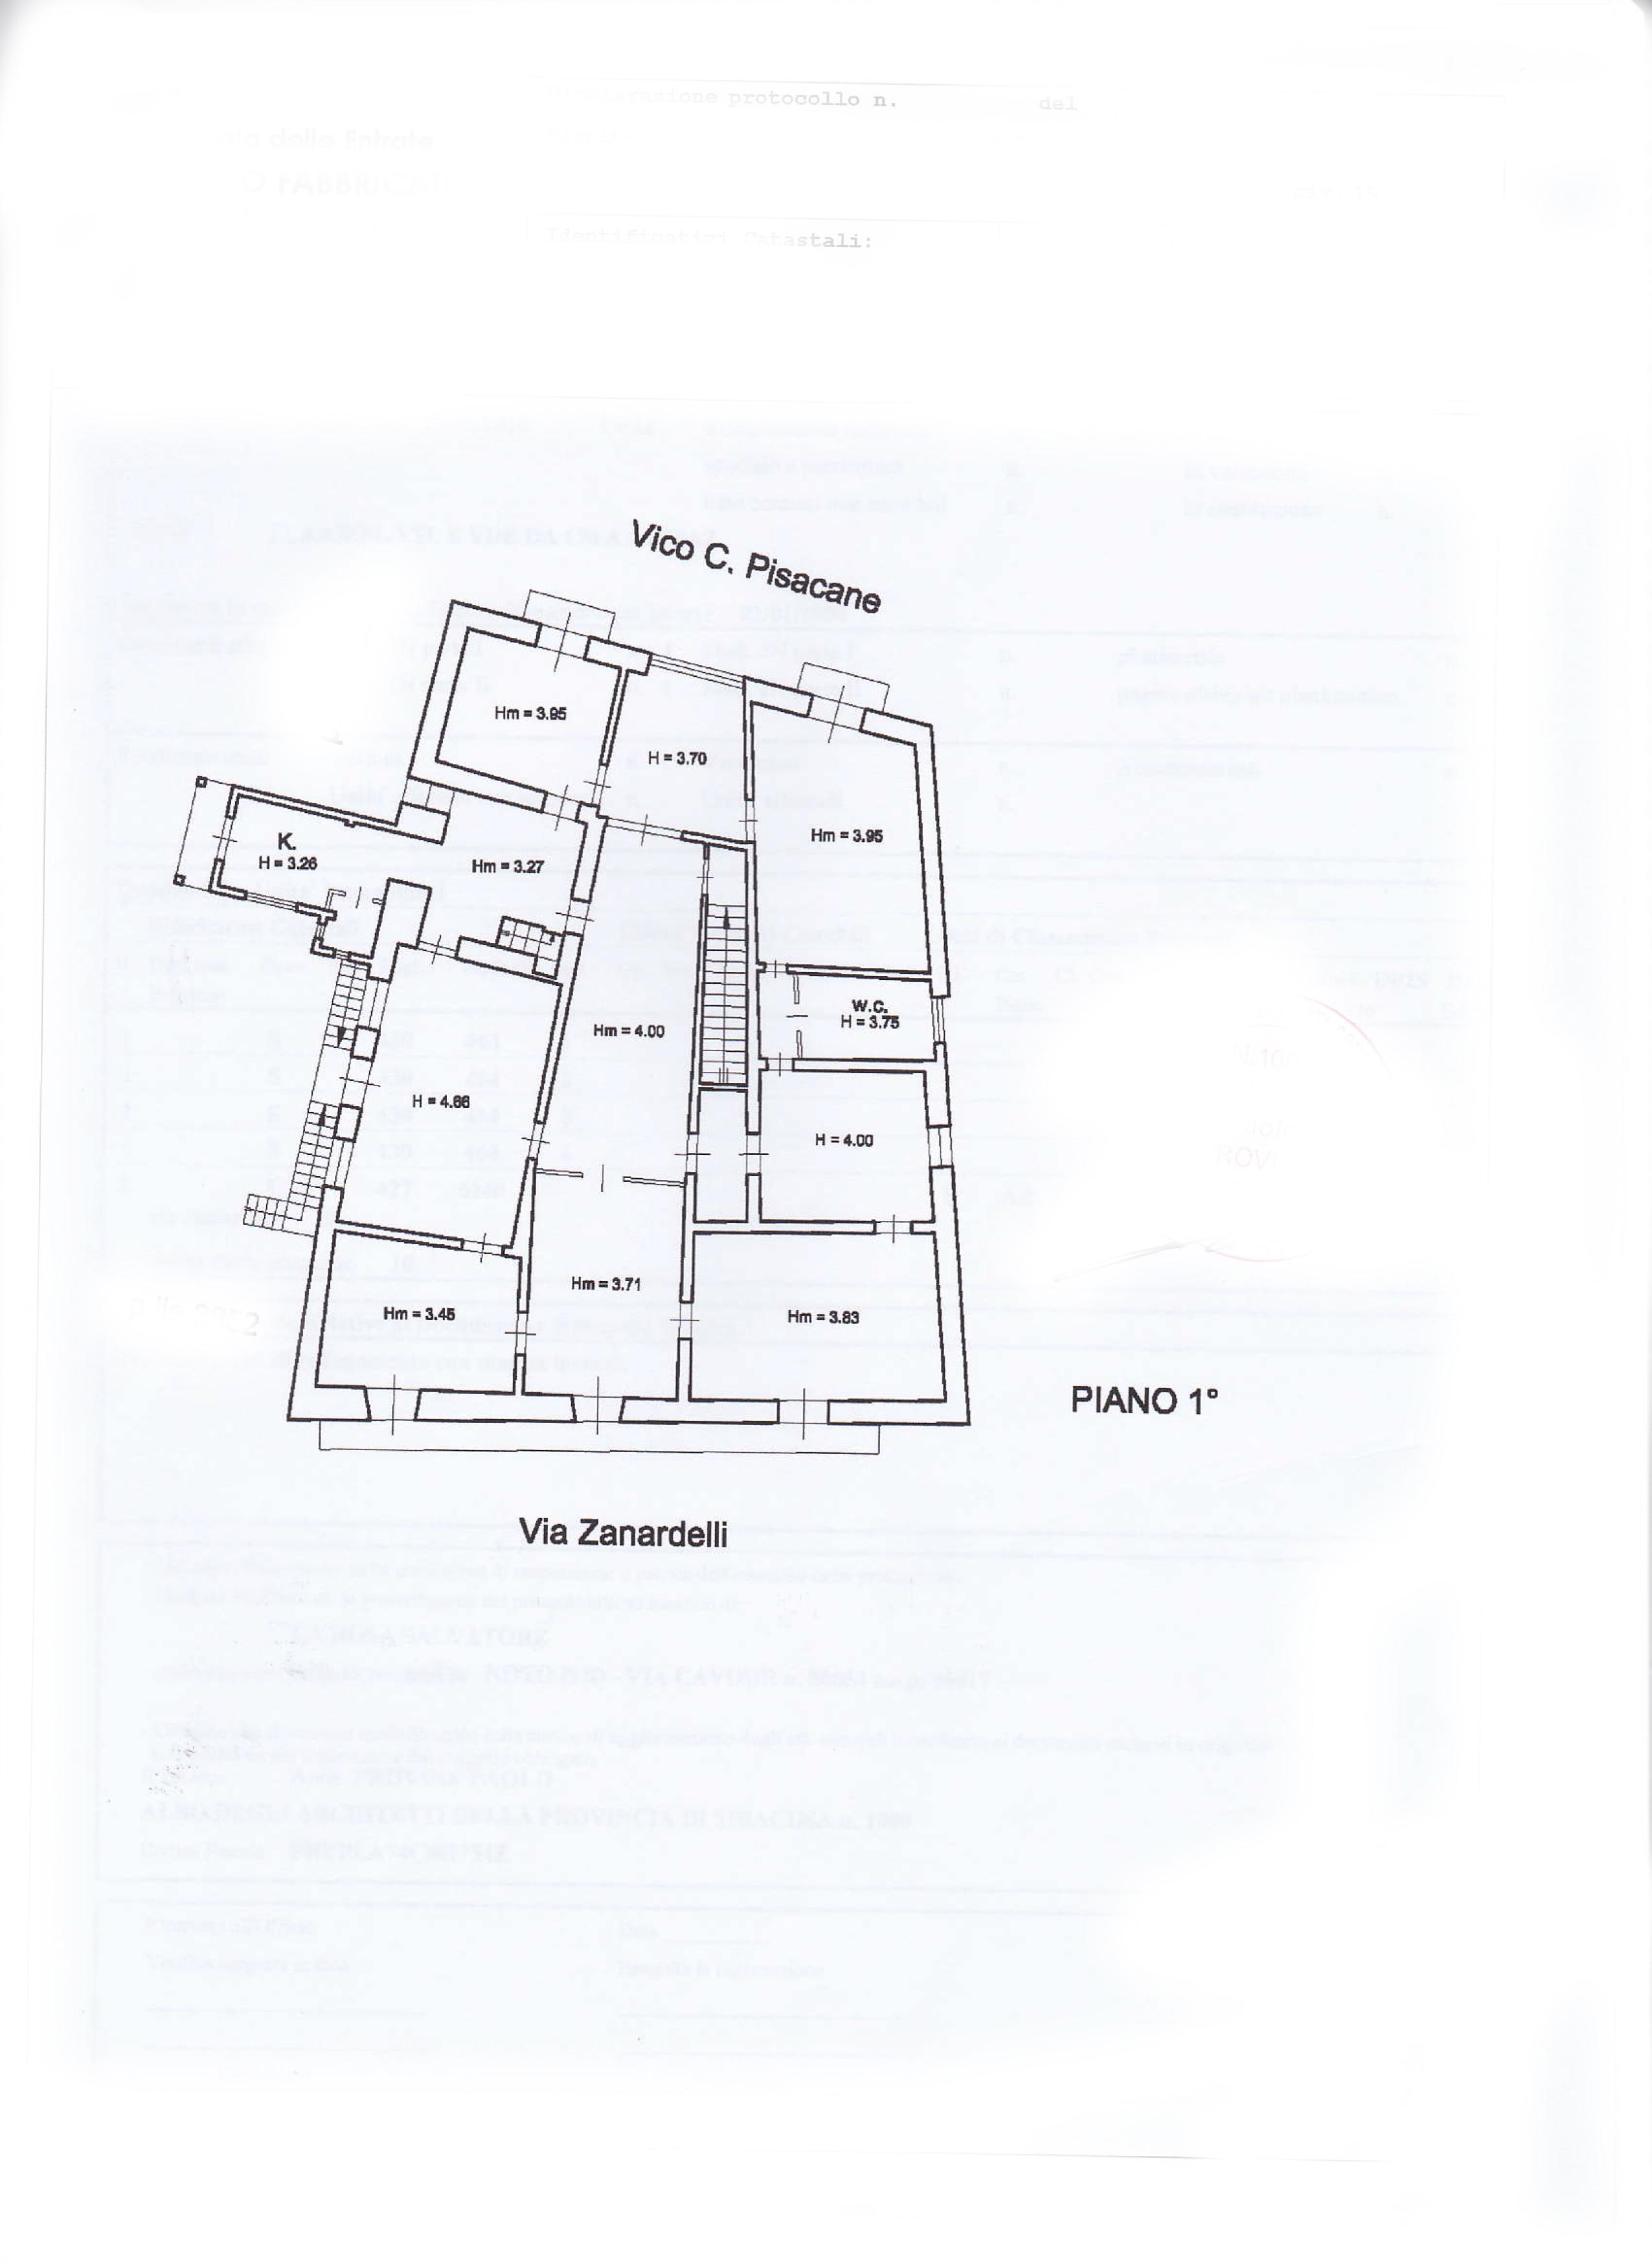 Planimetria via Zanardelli primo piano